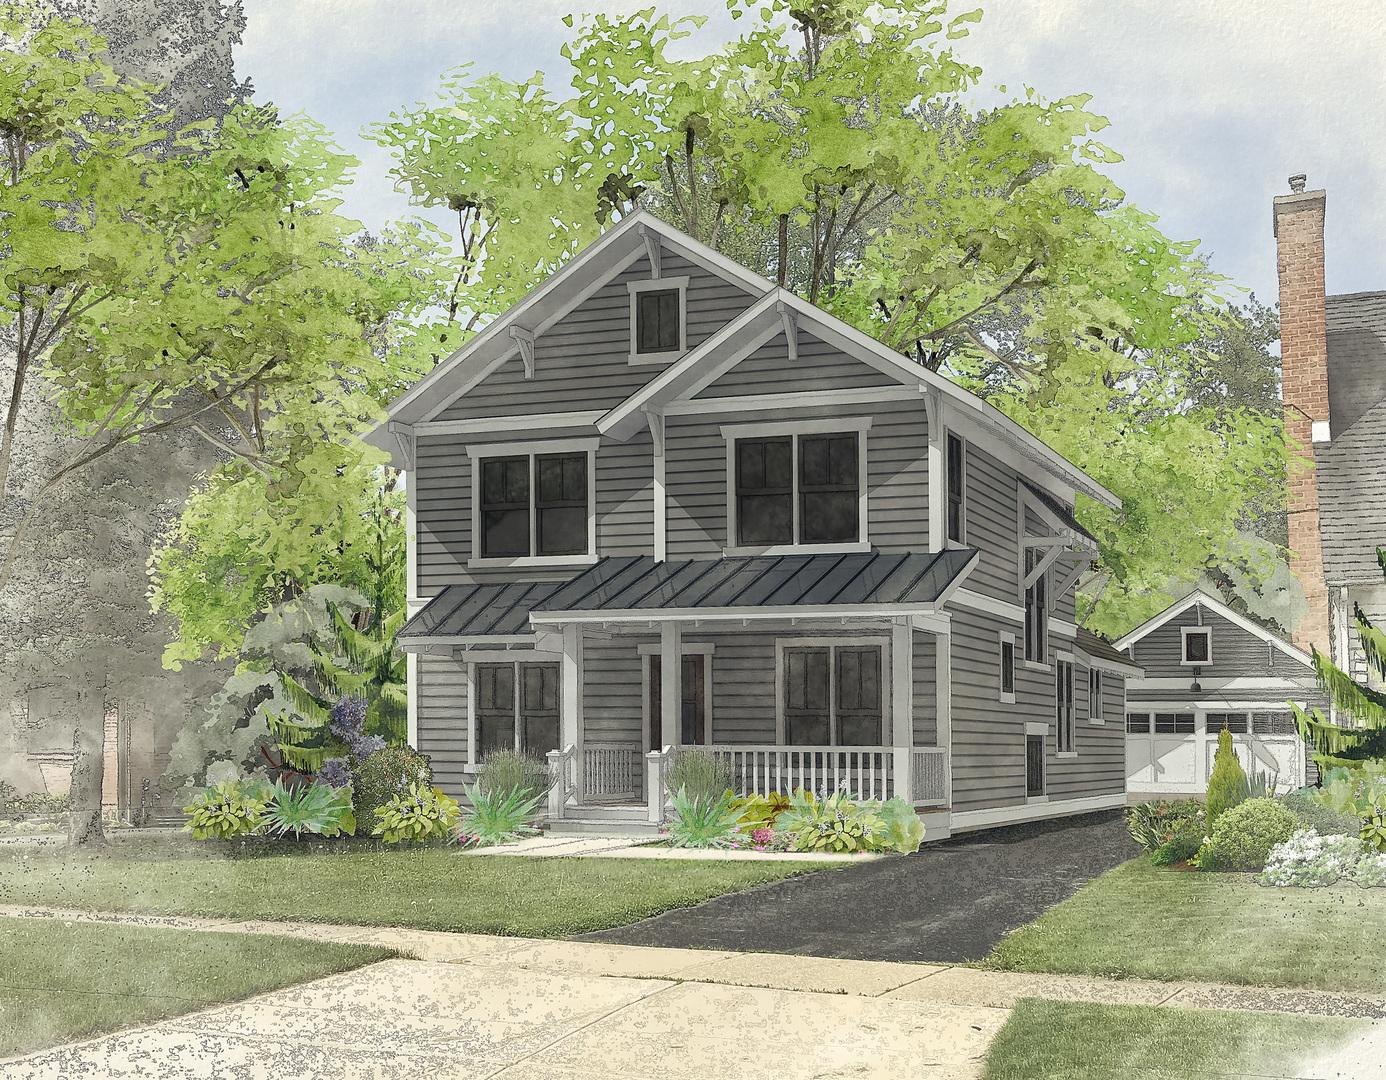 536 Mckinley Avenue, Libertyville, Illinois 60048